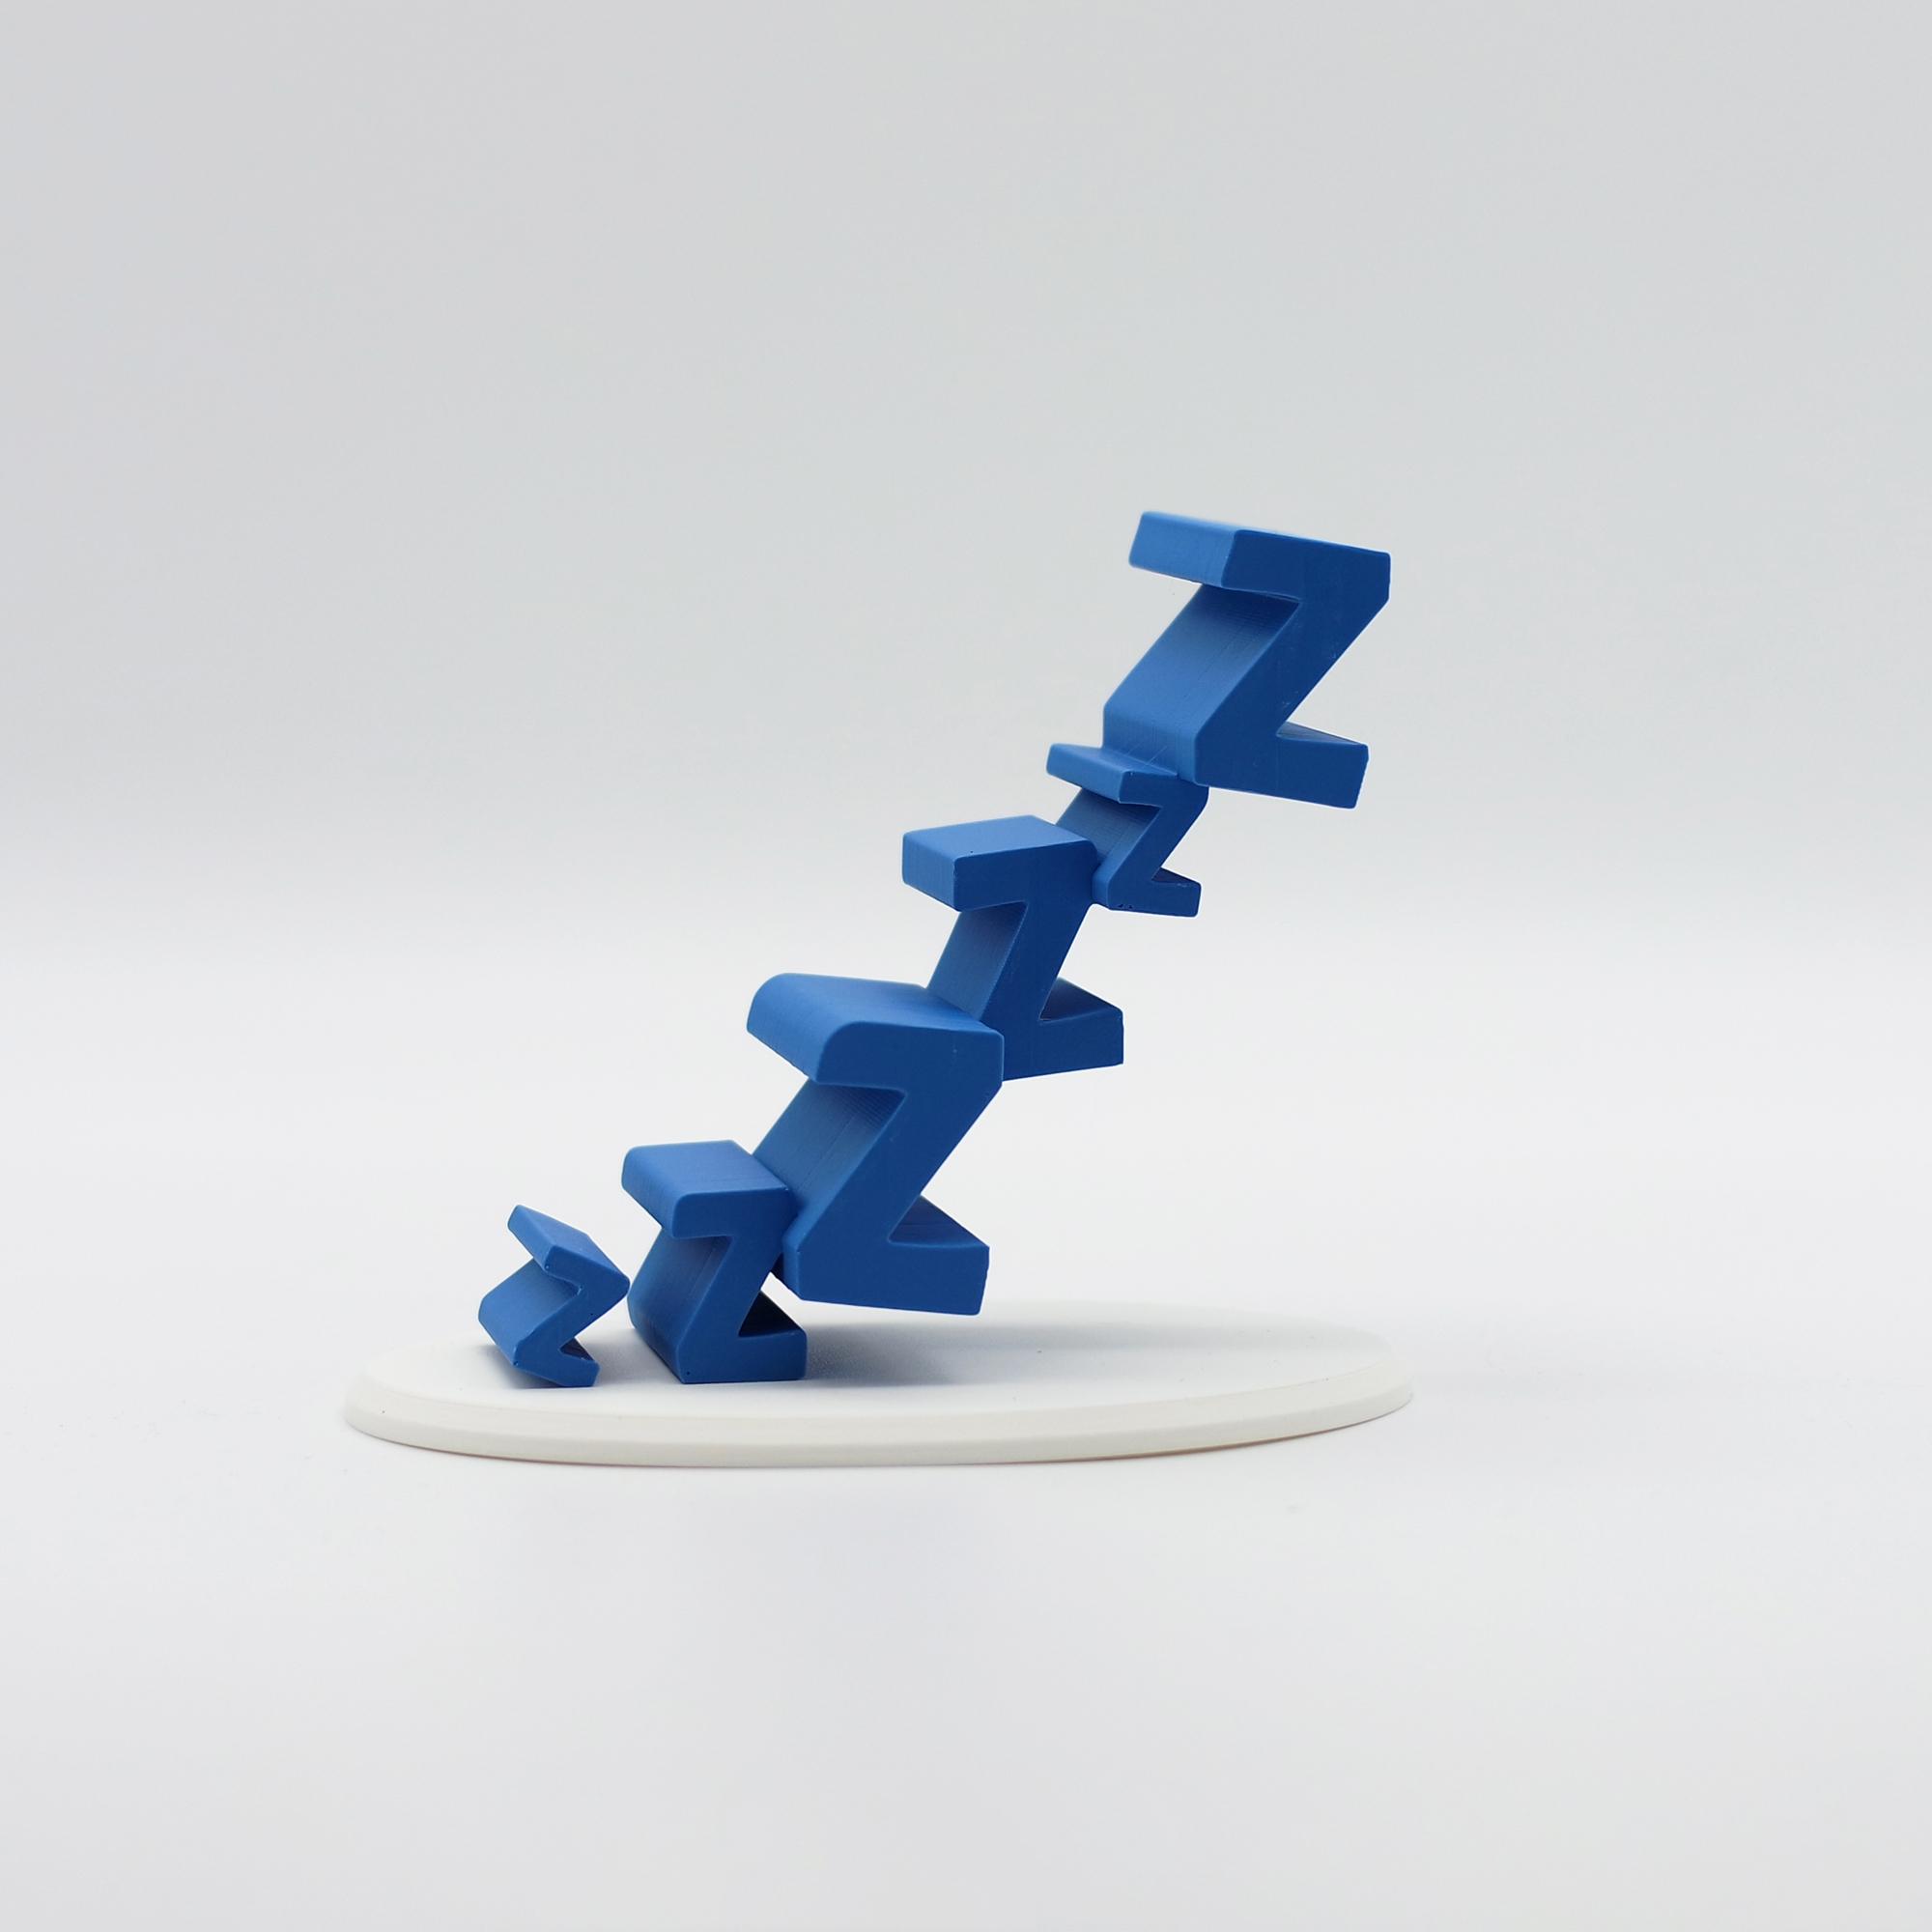 1.jpg Download free STL file Sleepy Phone Stand • 3D printing model, NKpolymers